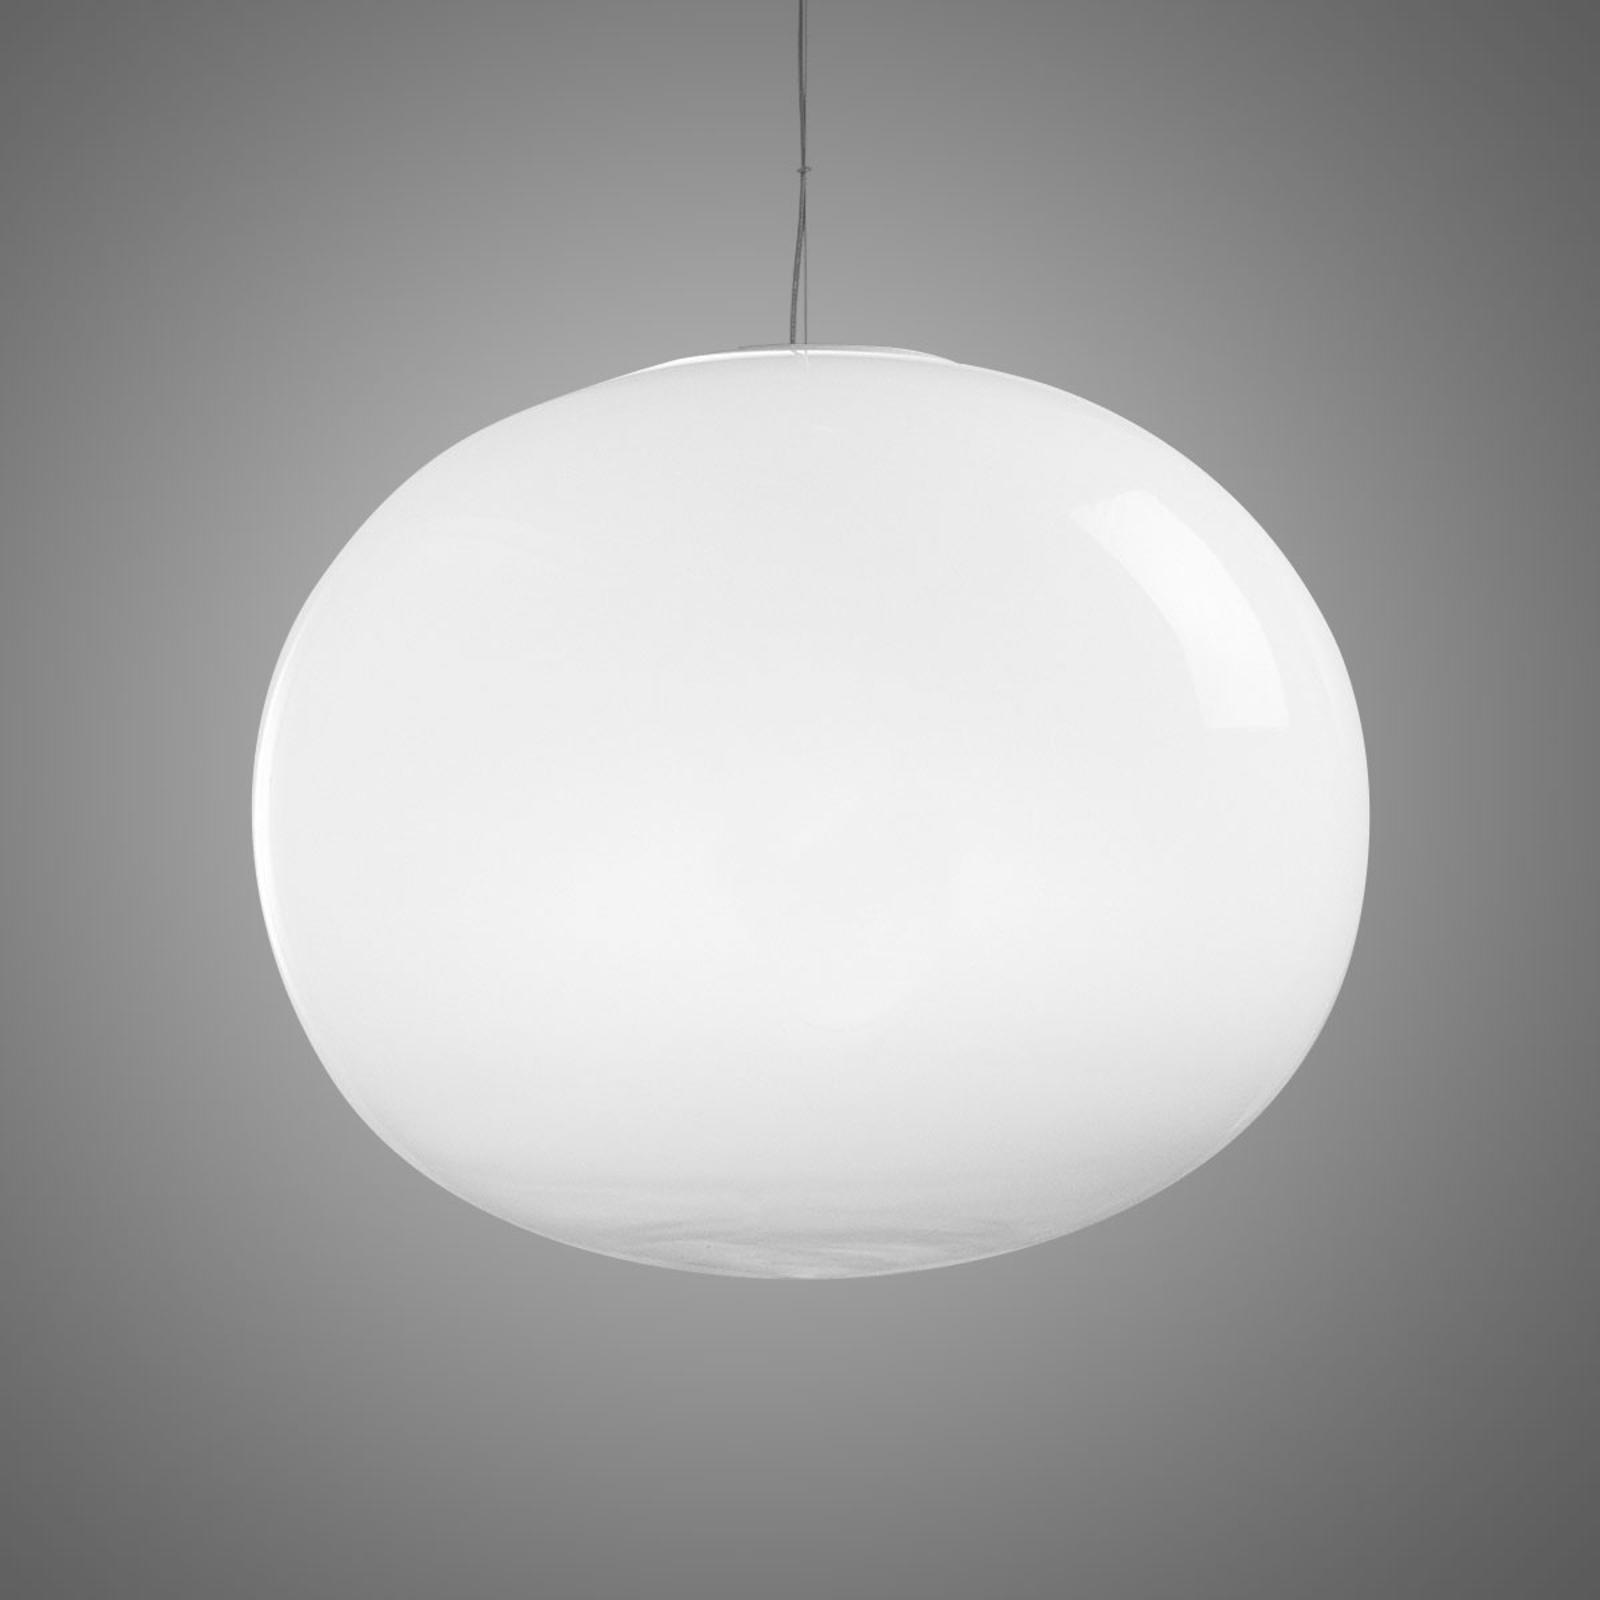 Biała kulista lampa wisząca Aria 45 cm